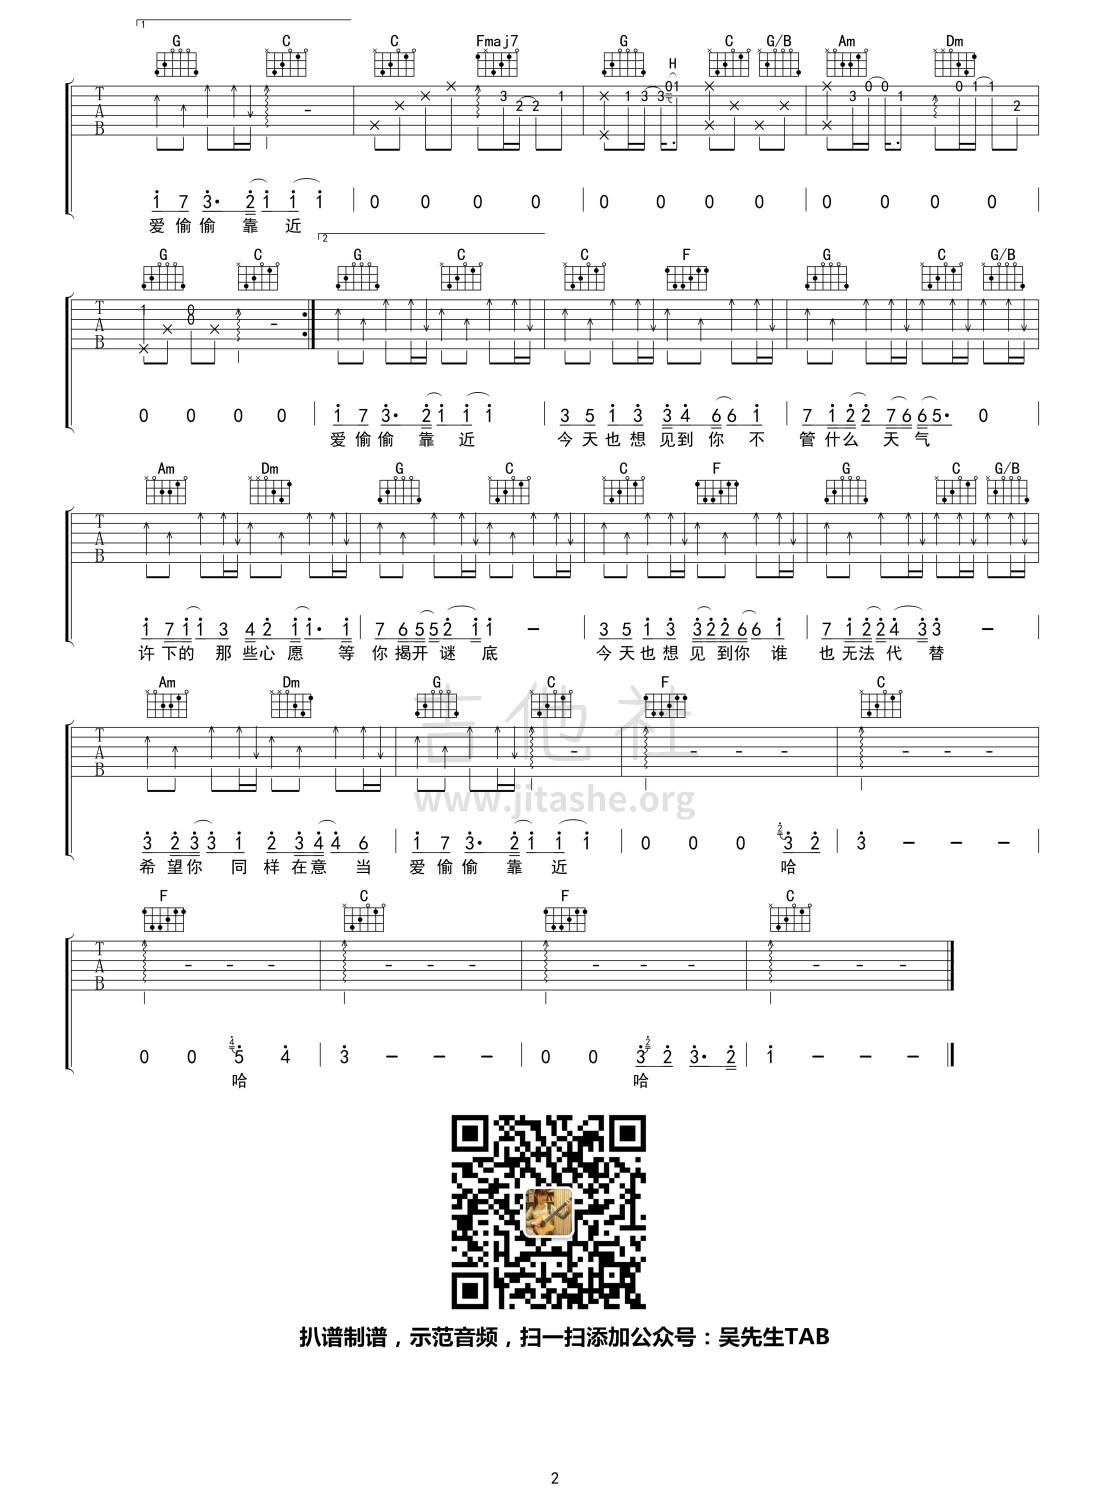 今天也想见到你吉他谱(图片谱,弹唱)_焦迈奇_今天也想见到你02.jpg